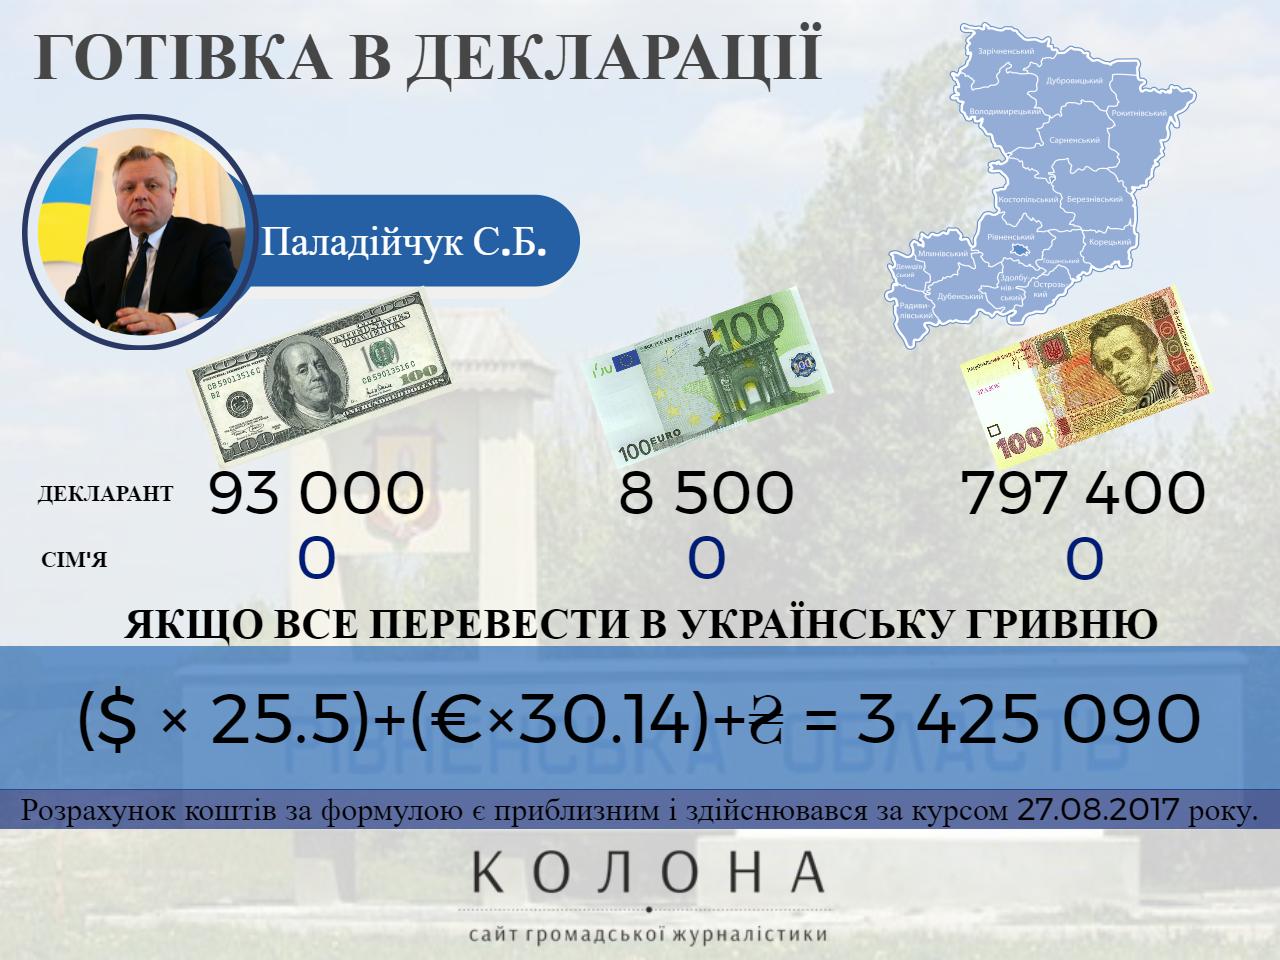 Паладійчук Сергій Богданович